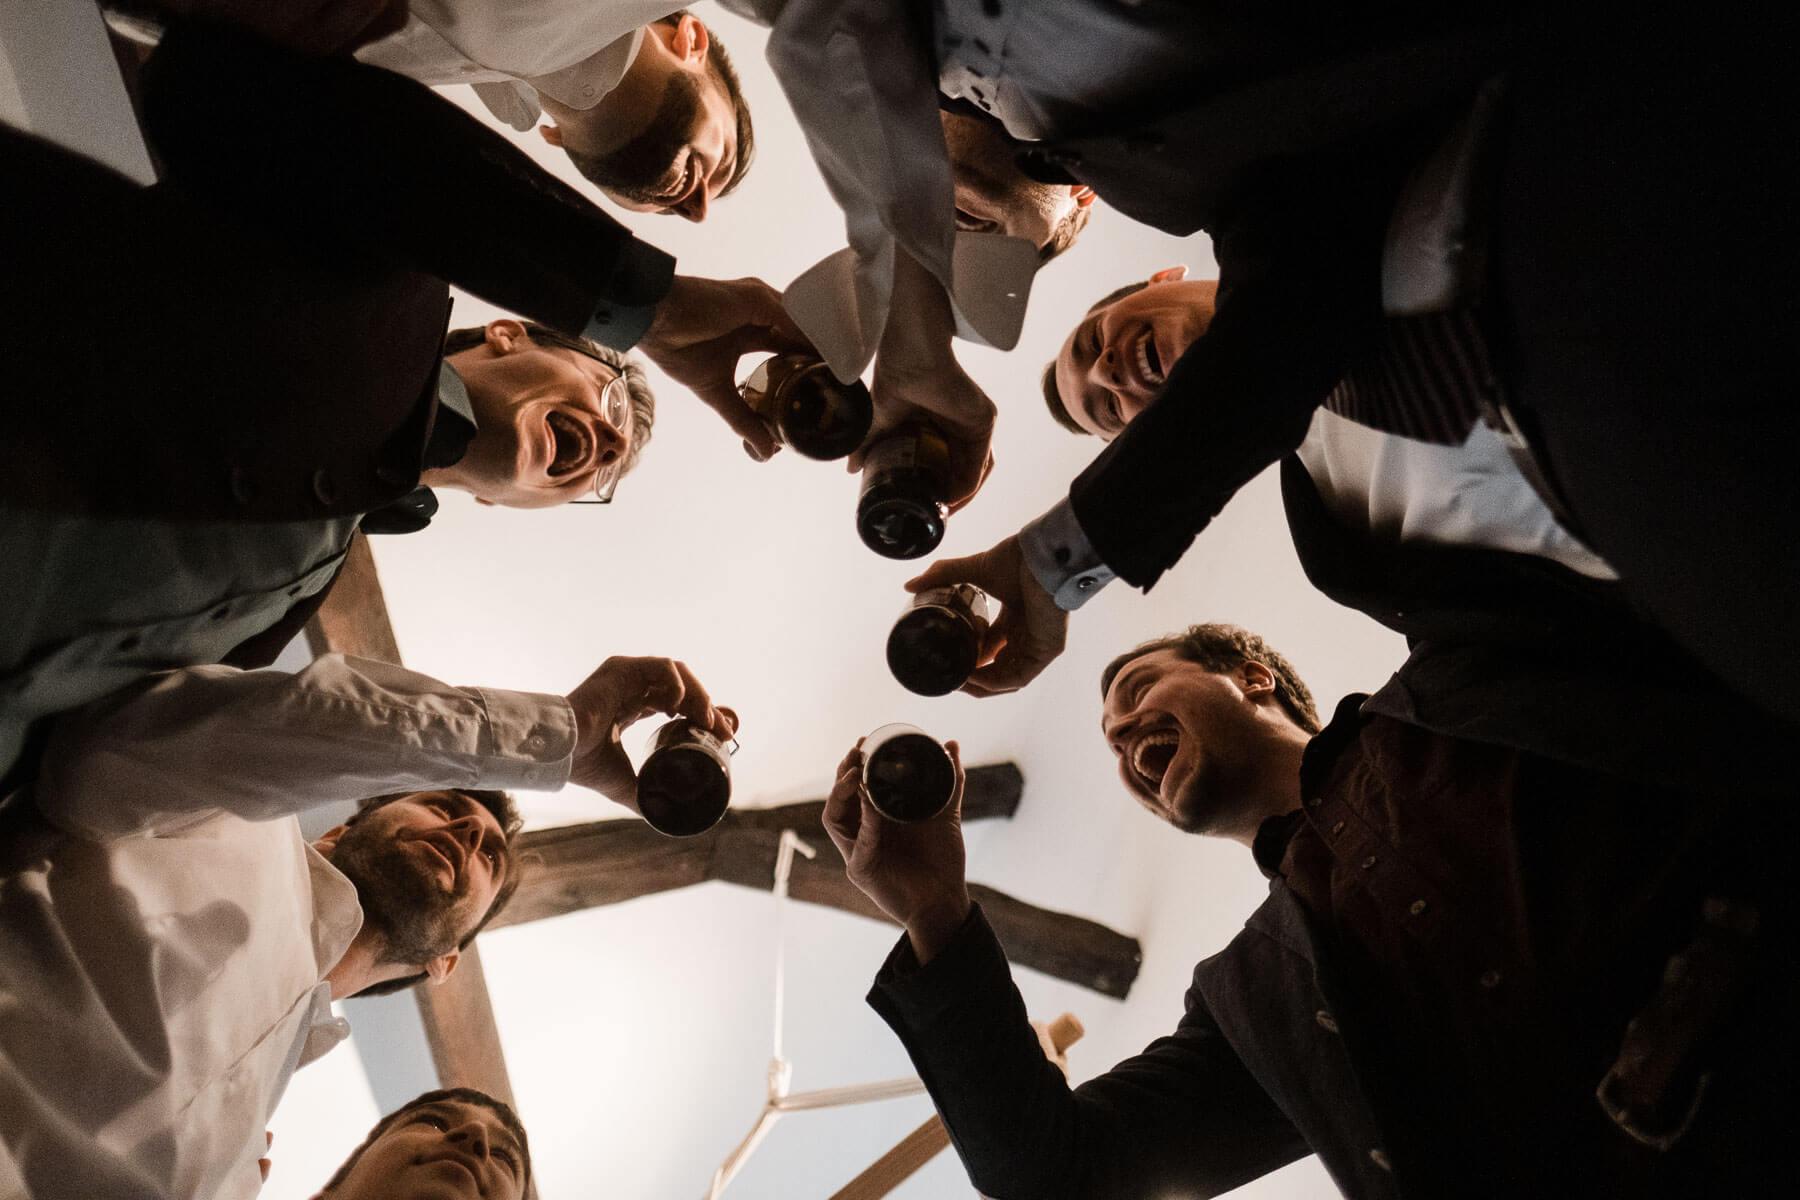 der Bräutigam steht mit 5 weiteren Männern in einem Kreis, sie alle halten eine Flasche in der Hand und stoßen an, zu sehen ist es aus der Froschperspektive